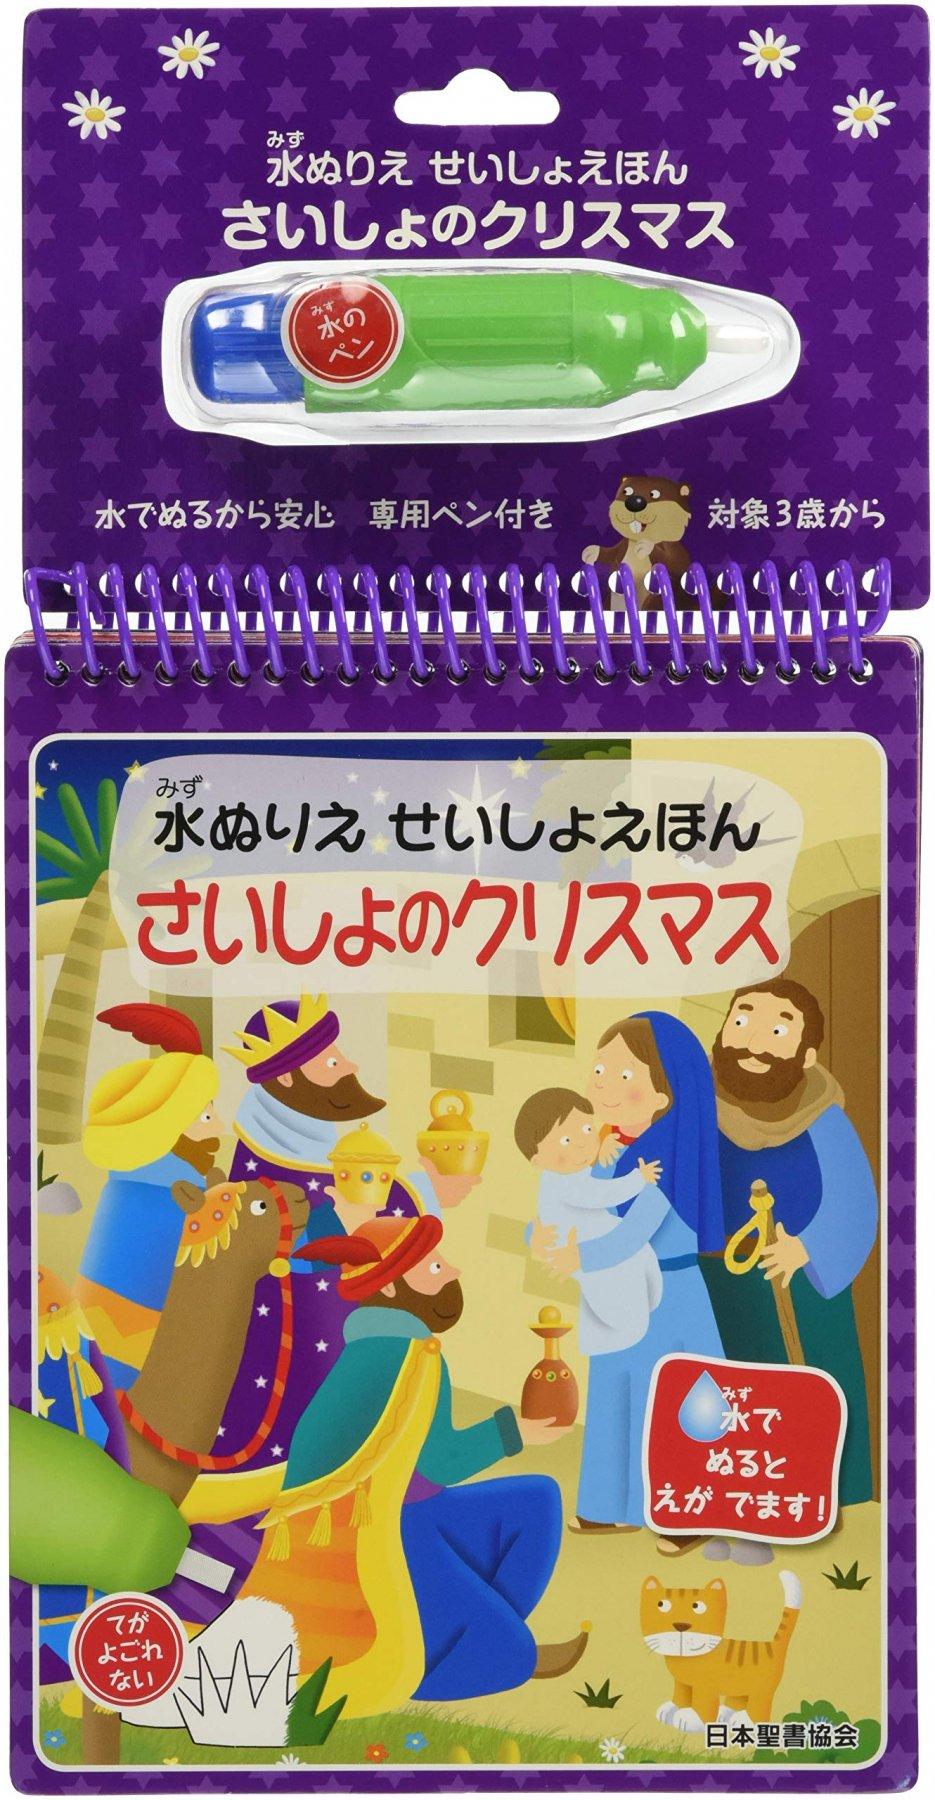 【送料無料】水ぬりえ せいしょえほん さいしょのクリスマスの商品画像